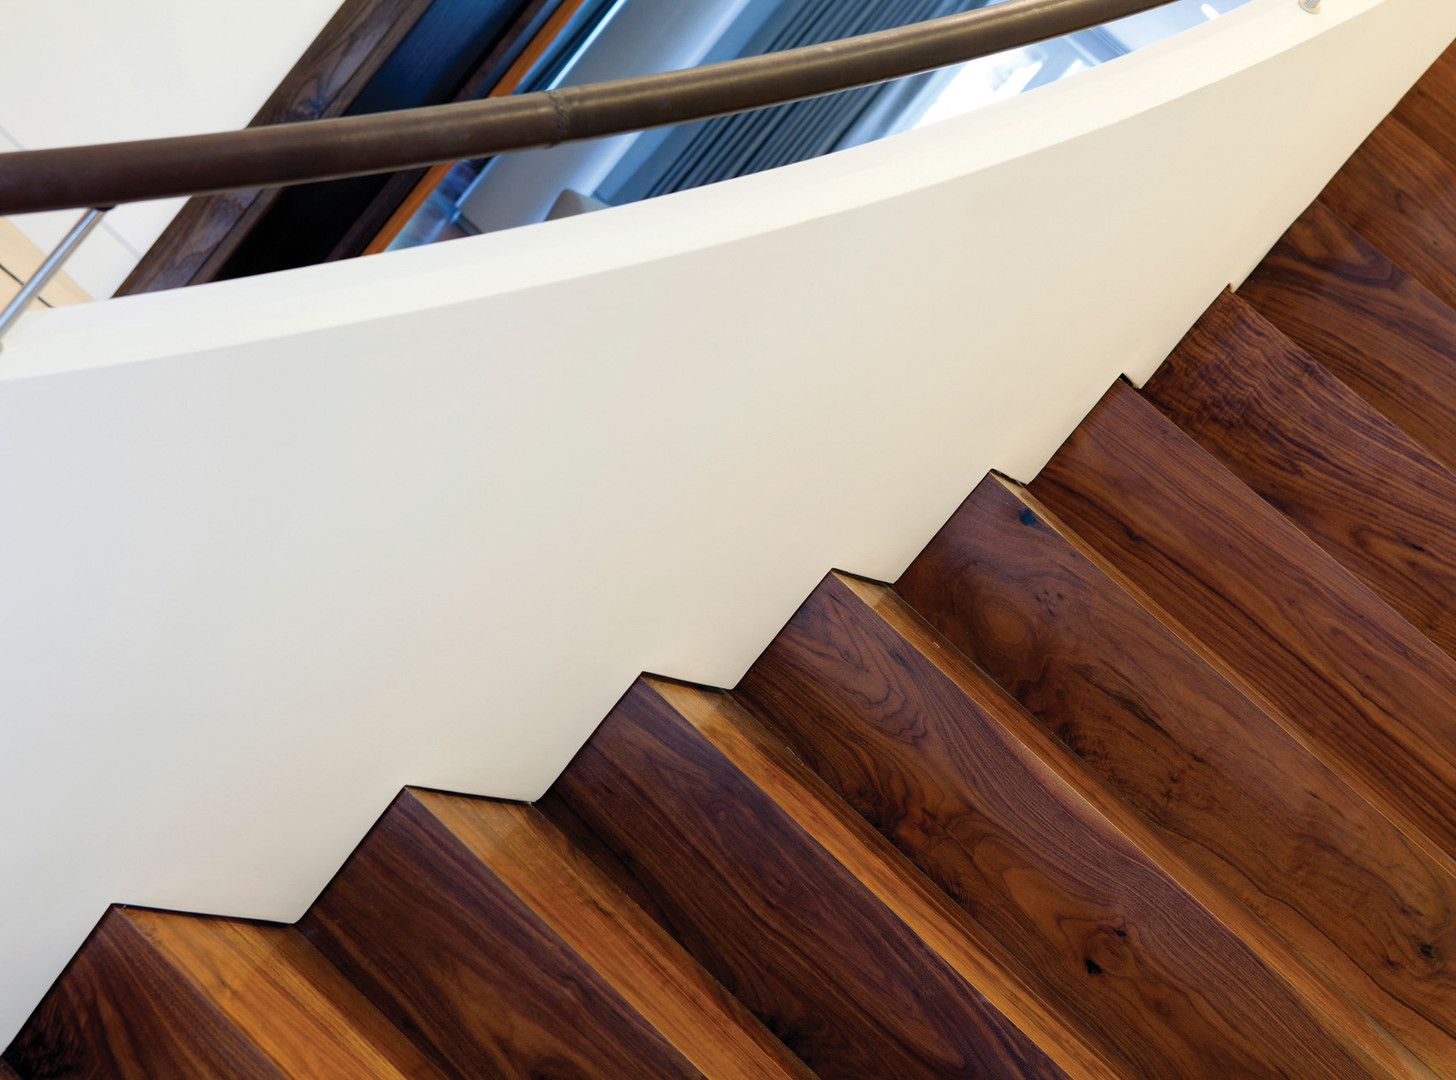 TH2_staircase_2448_68.jpg